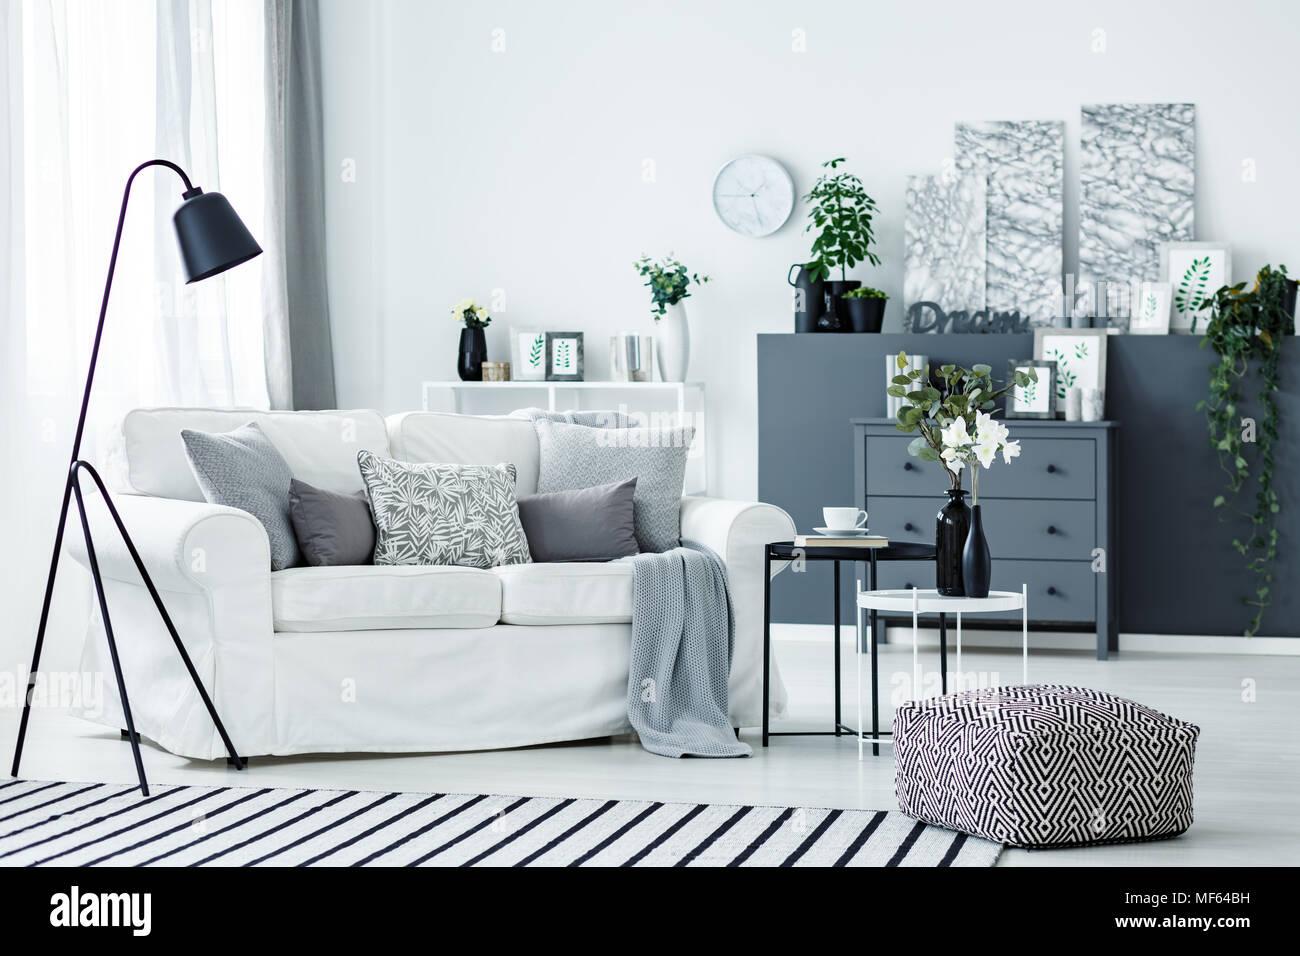 Nordic Helles Wohnzimmer Einrichtung Mit Weißen Couch, Frische Pflanzen Und  Black Metal Lampe